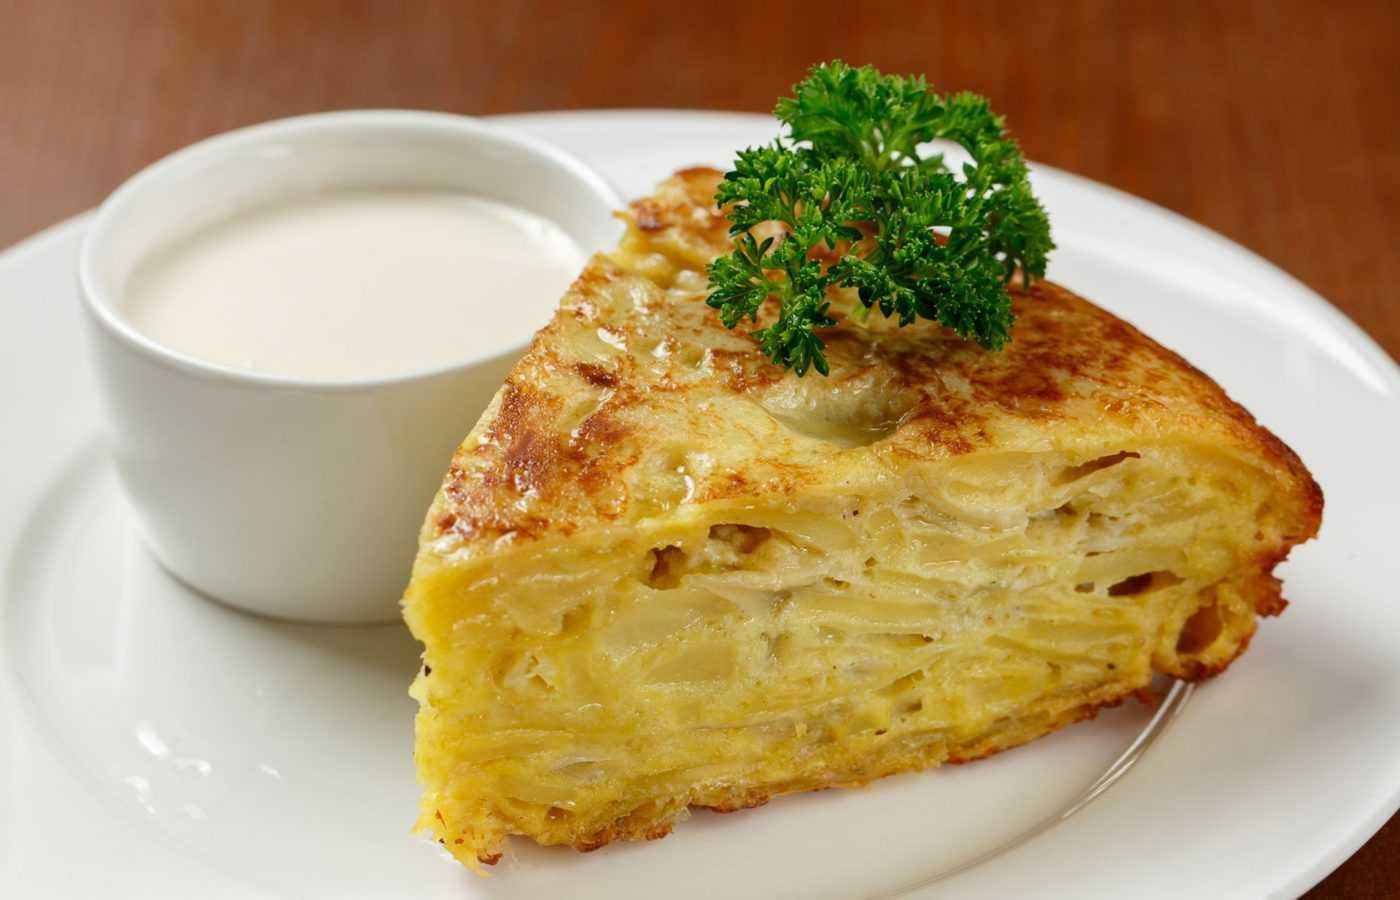 испанская запеканка из картофеля и яиц